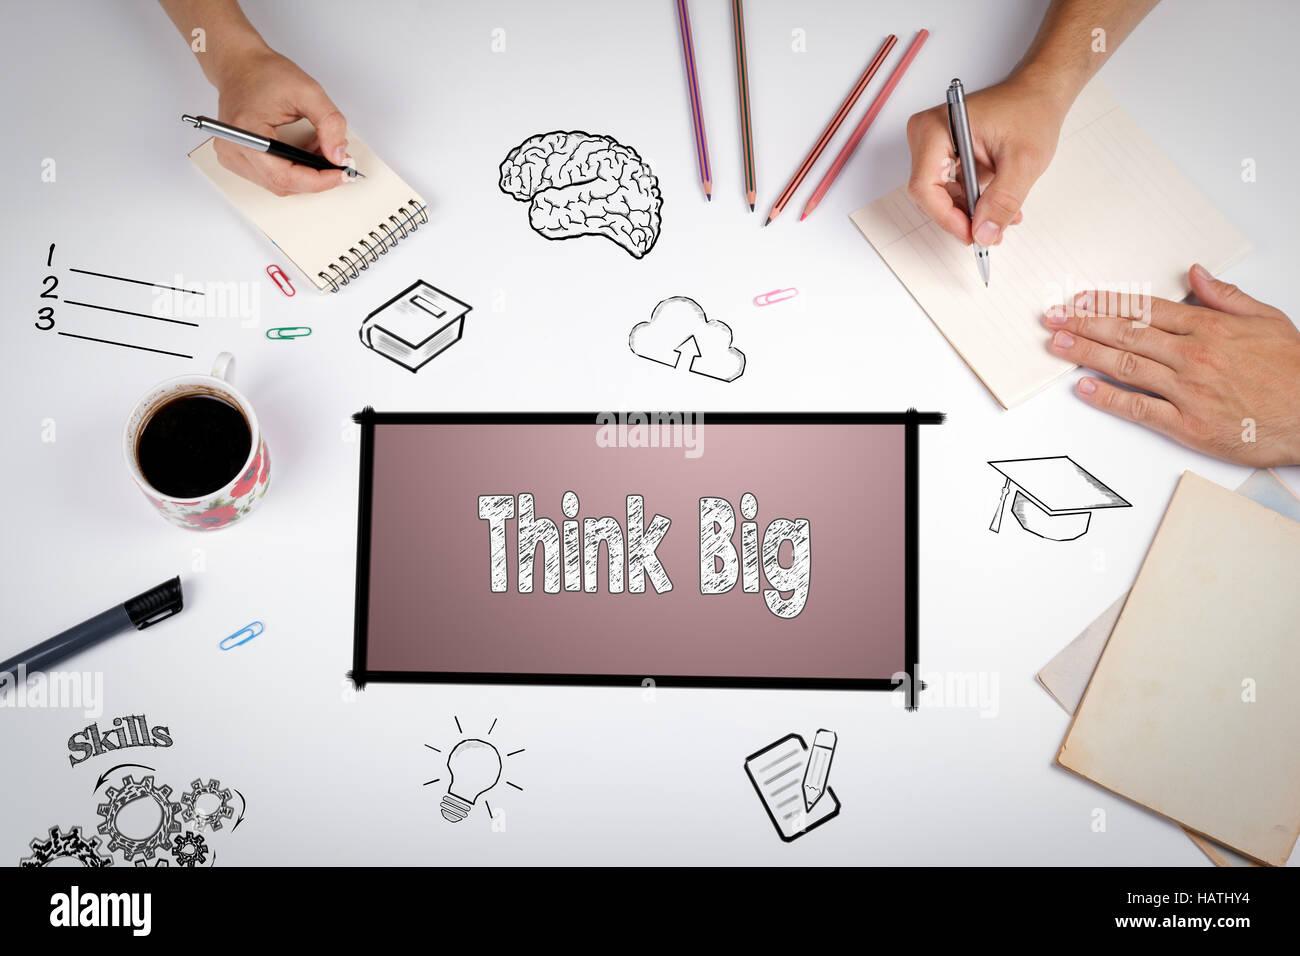 Piense en grande fe actitud inspiración optimismo concepto. La reunión de la mesa de oficina en blanco Imagen De Stock